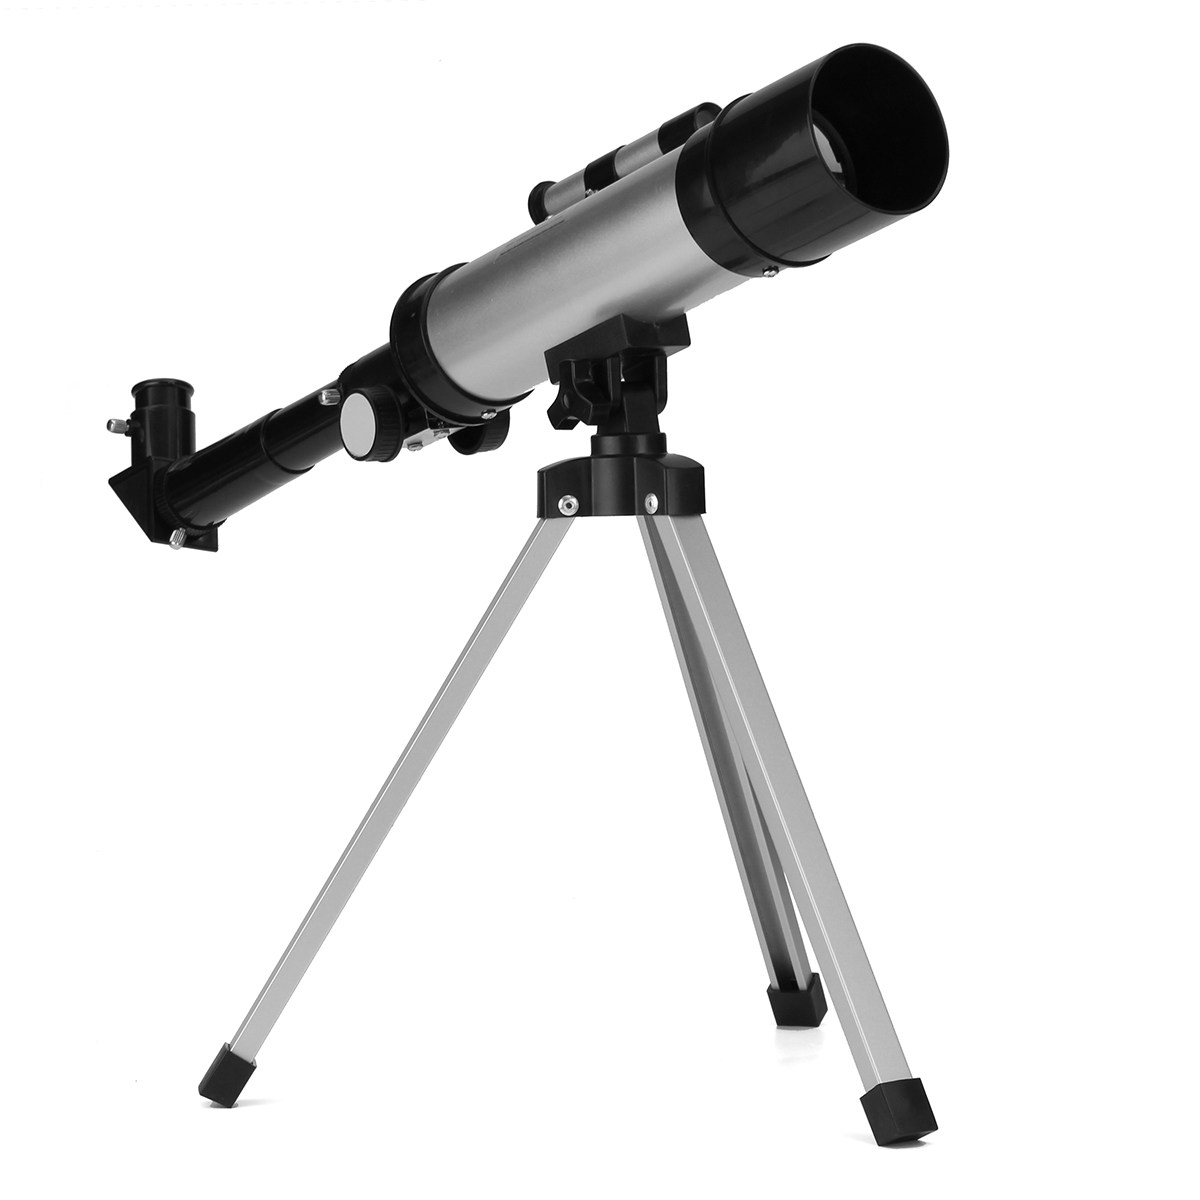 360x50mm Jumelles En Plein Air Monoculaire Astronomique Télescope Tube Lunette télescopique Spotting Scope avec Portabale Trépied